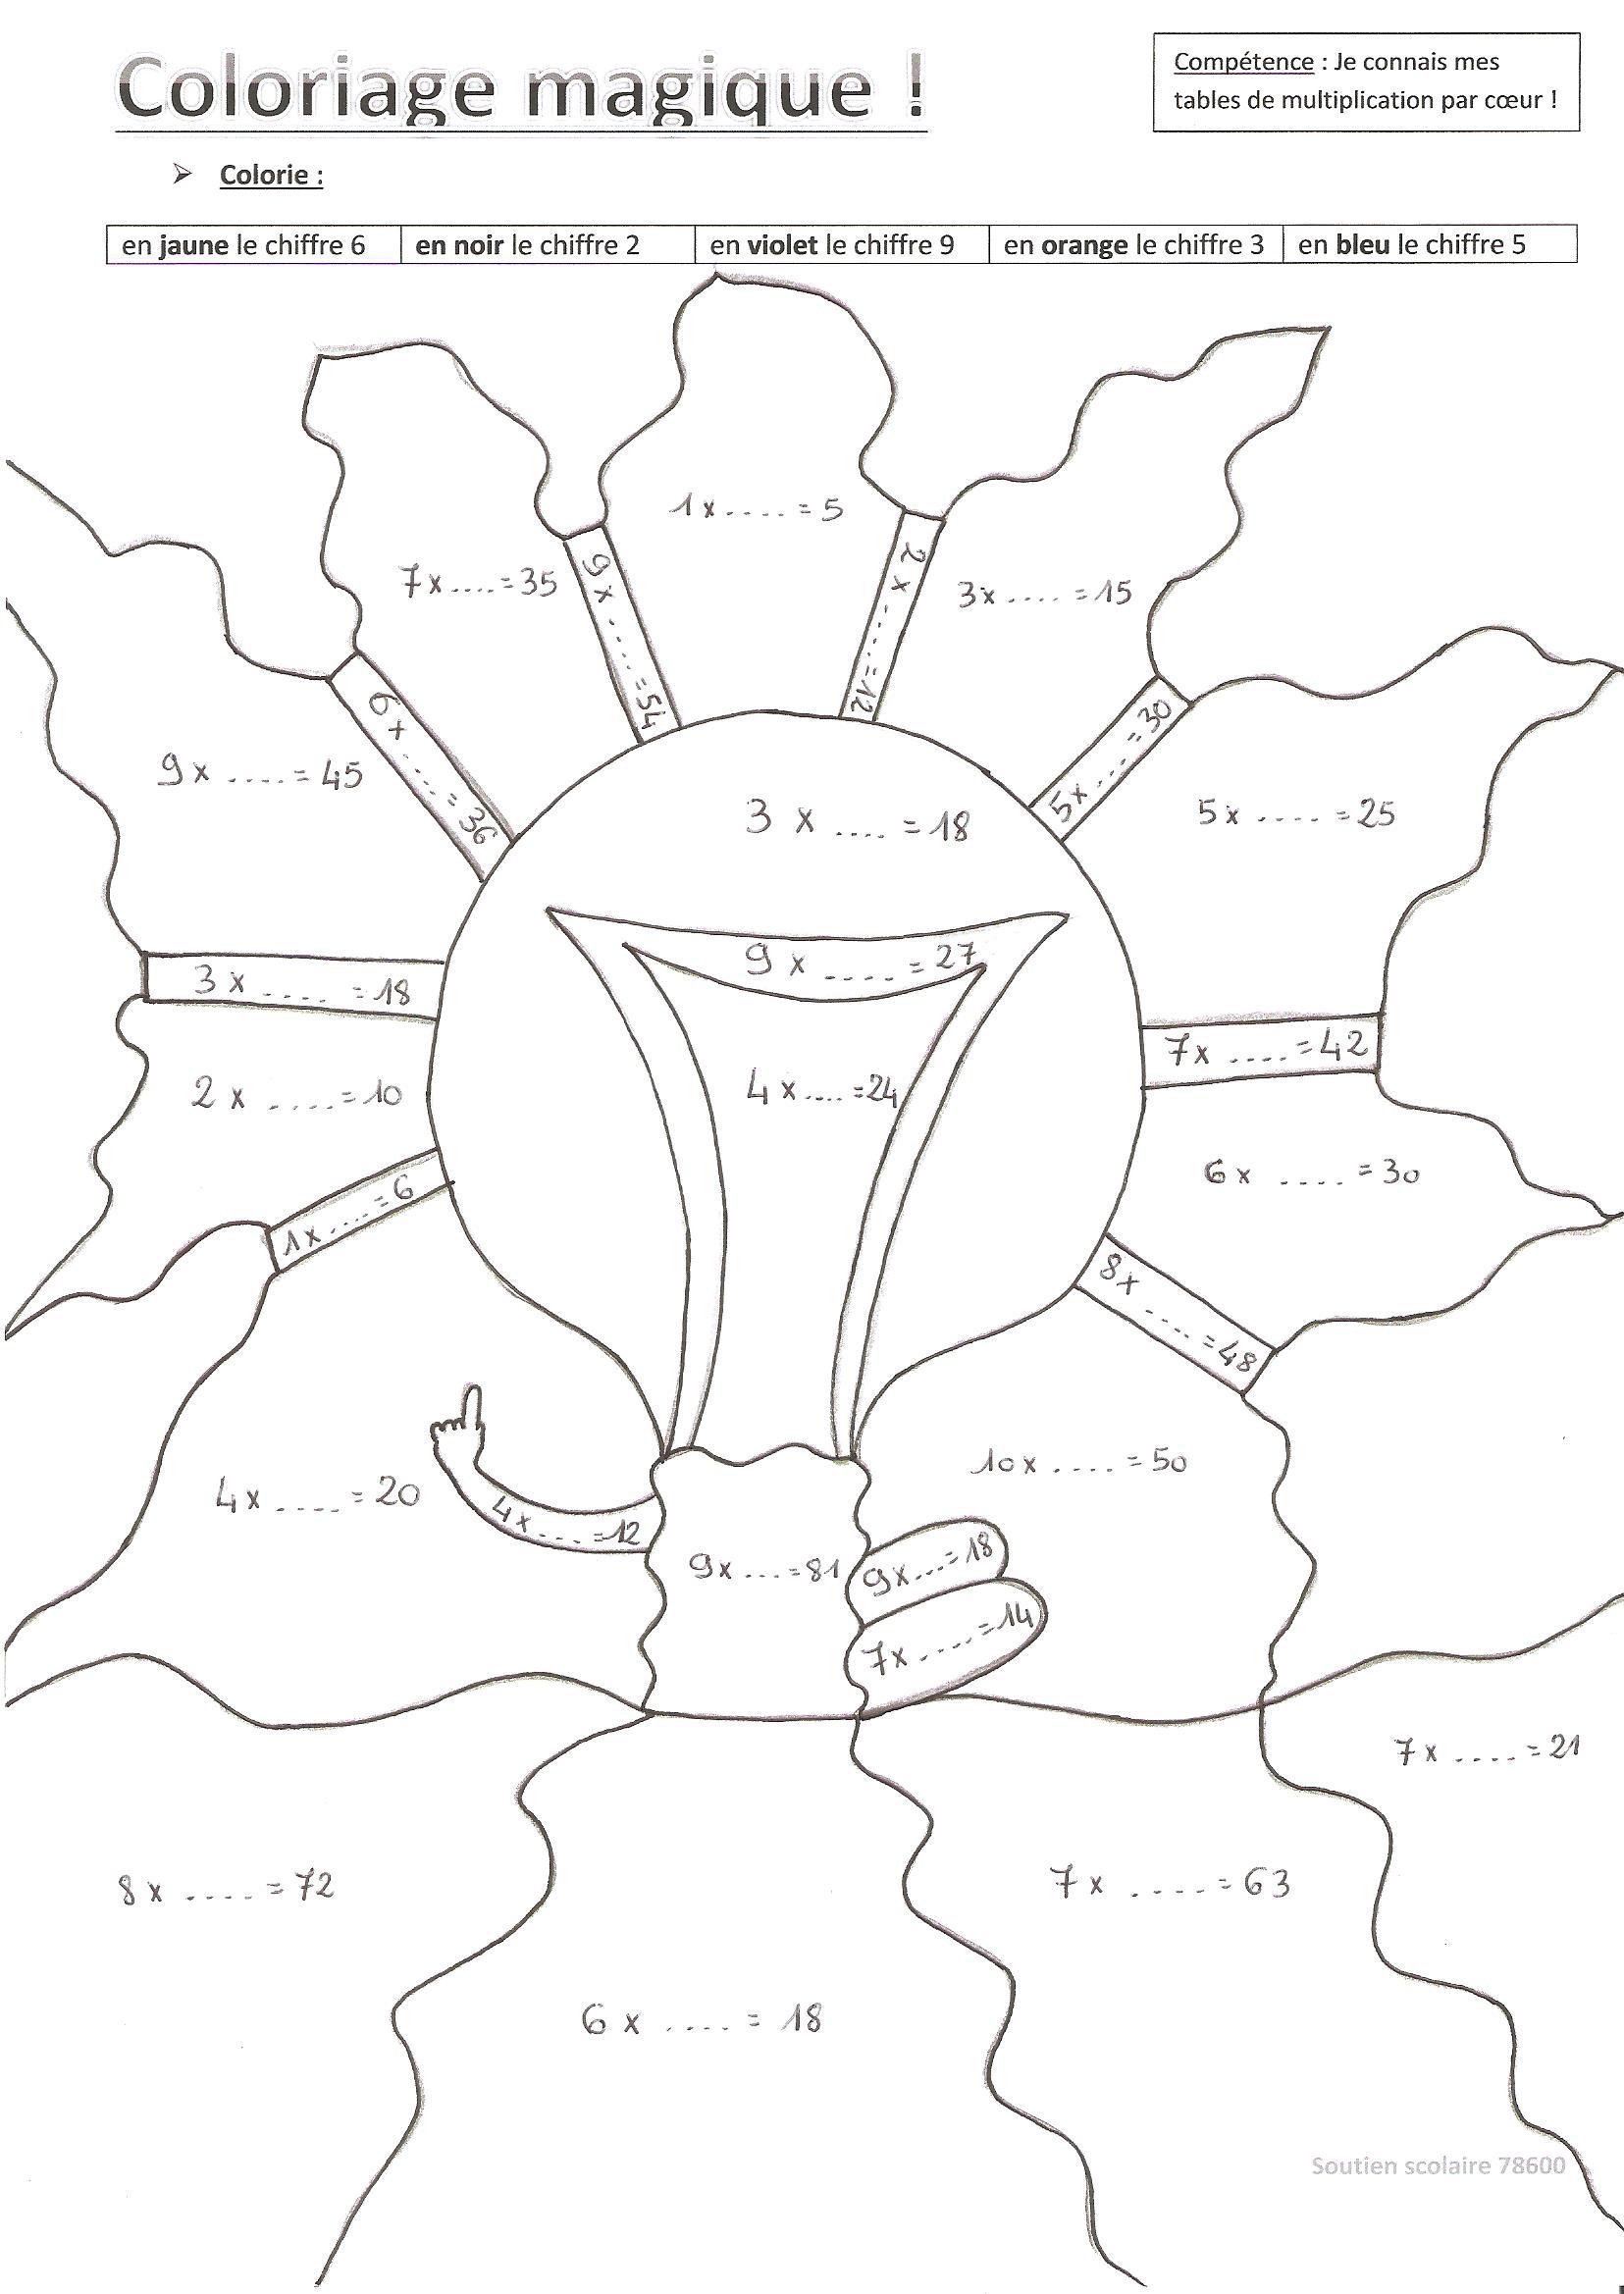 20 dessins de coloriage magique ce2 conjugaison imprimer - Coloriage magique tables de multiplication cm1 ...